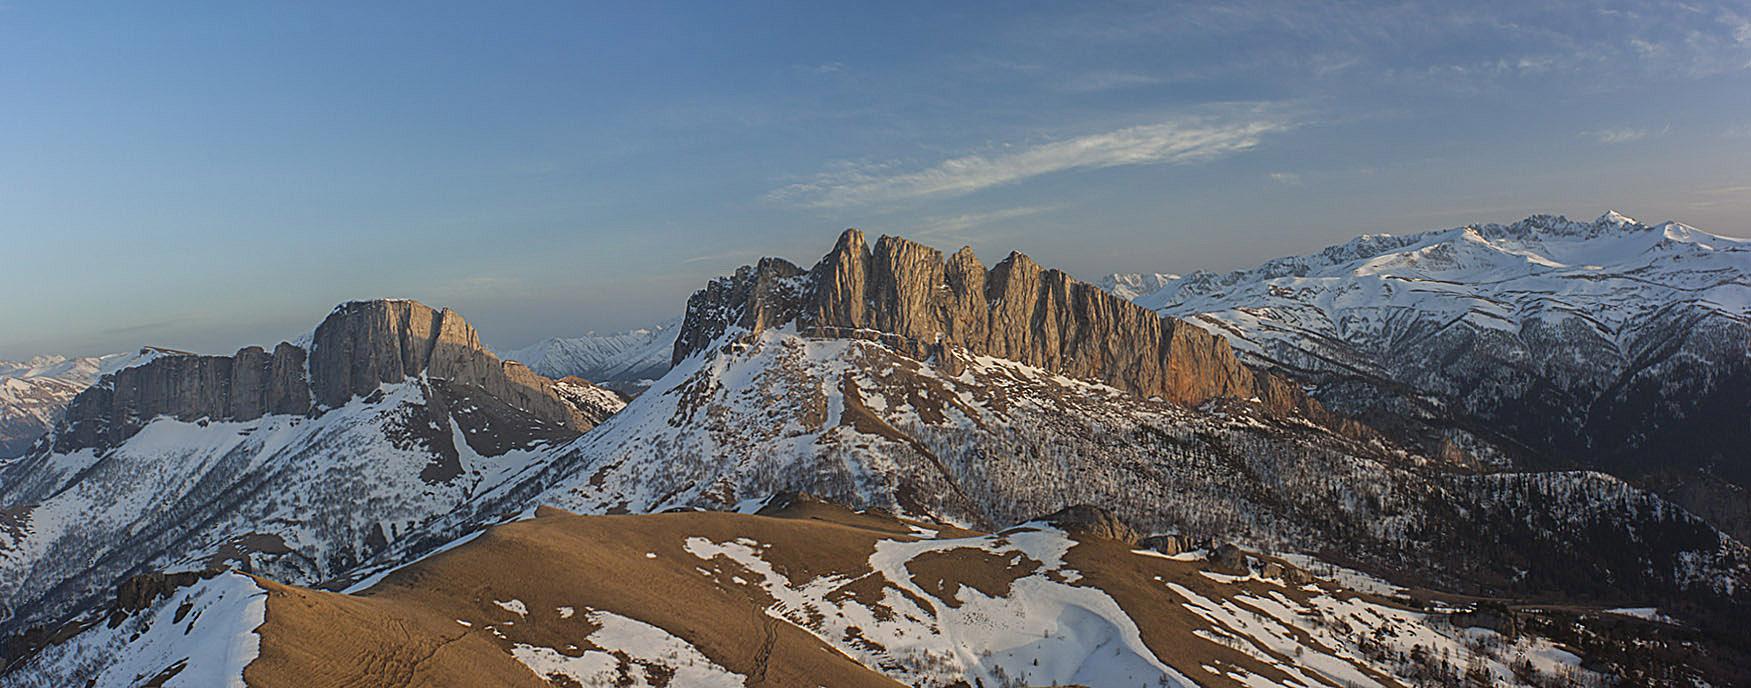 Вид с горы Асбестная на перевал Чертовы Ворота.